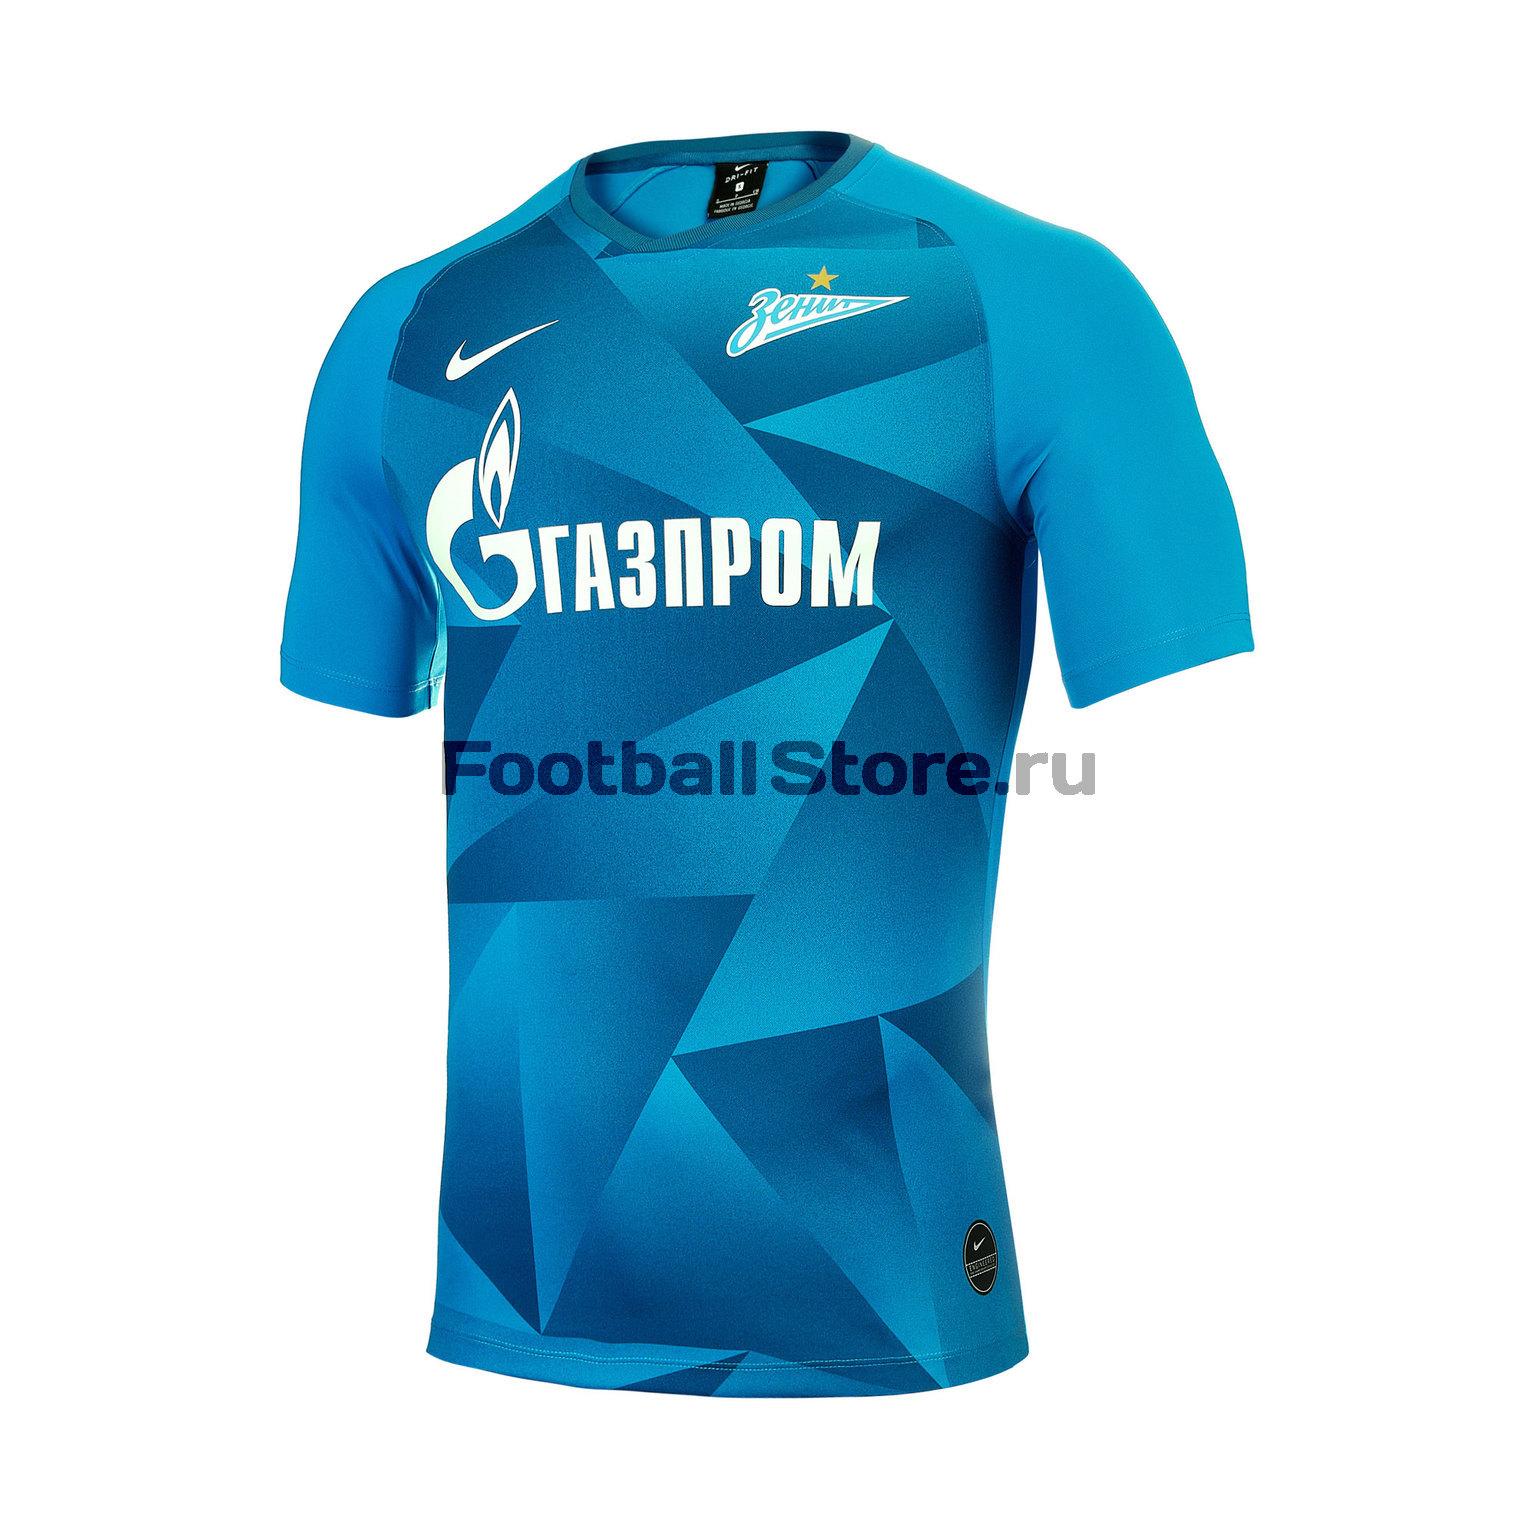 Реплика домашней игровой футболки Nike ФК Зенит 2019/20 реплика выездной игровой футболки nike 2018 19 nike цвет белый